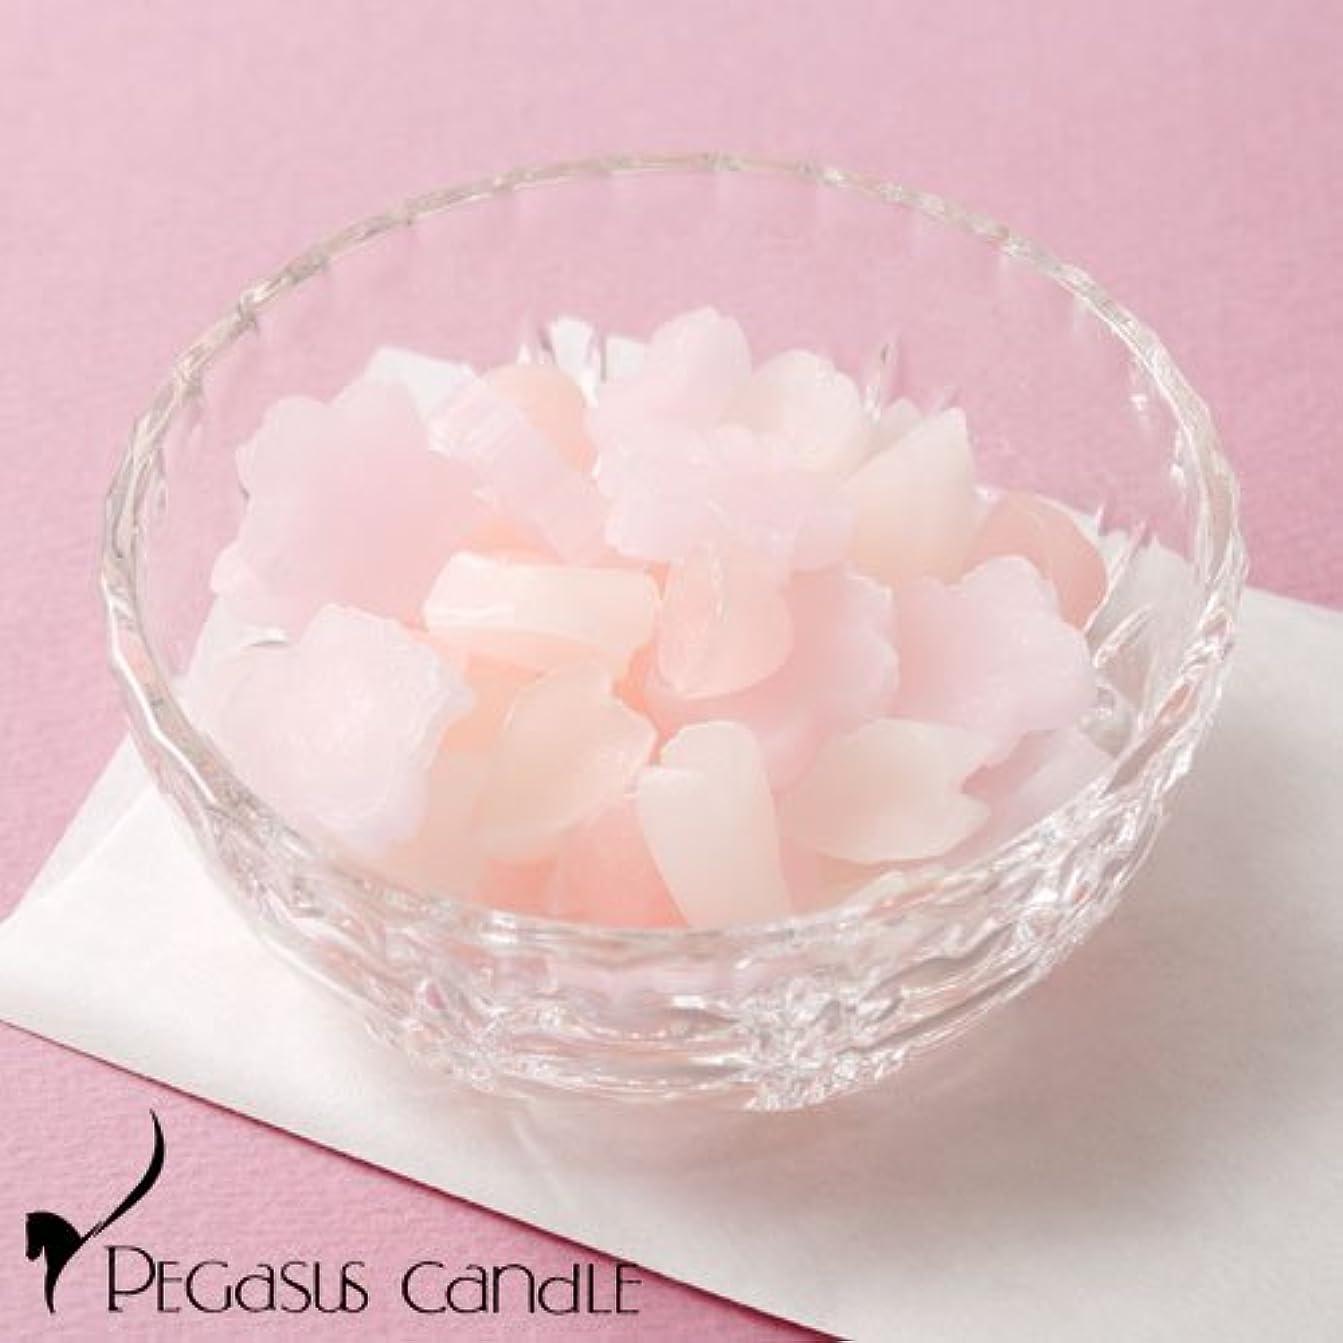 対立迷彩良性さくらのかおりガラス器付きの桜の芳香剤ペガサスキャンドルSakura fragrance